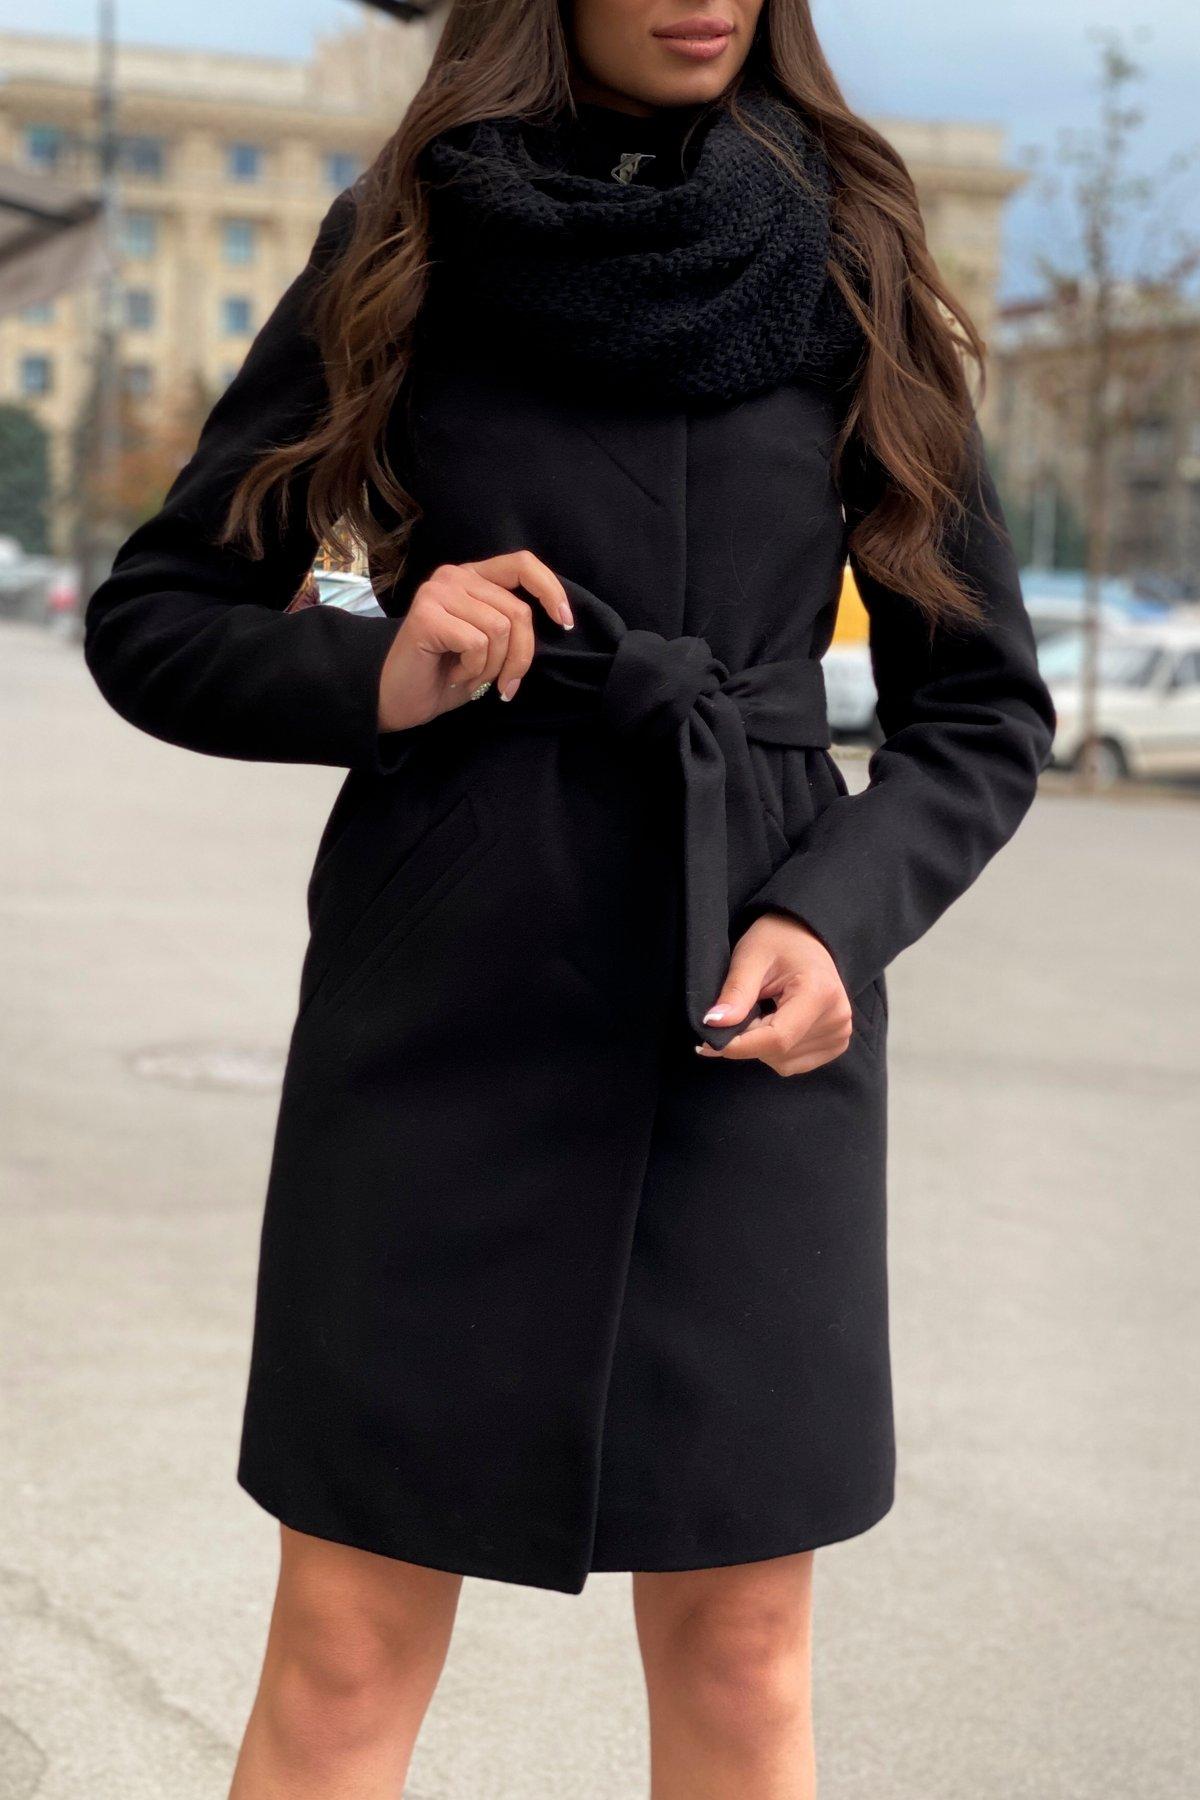 Пальто зима с хомутом Люцея 8211 АРТ. 44225 Цвет: Черный Н-1 - фото 10, интернет магазин tm-modus.ru